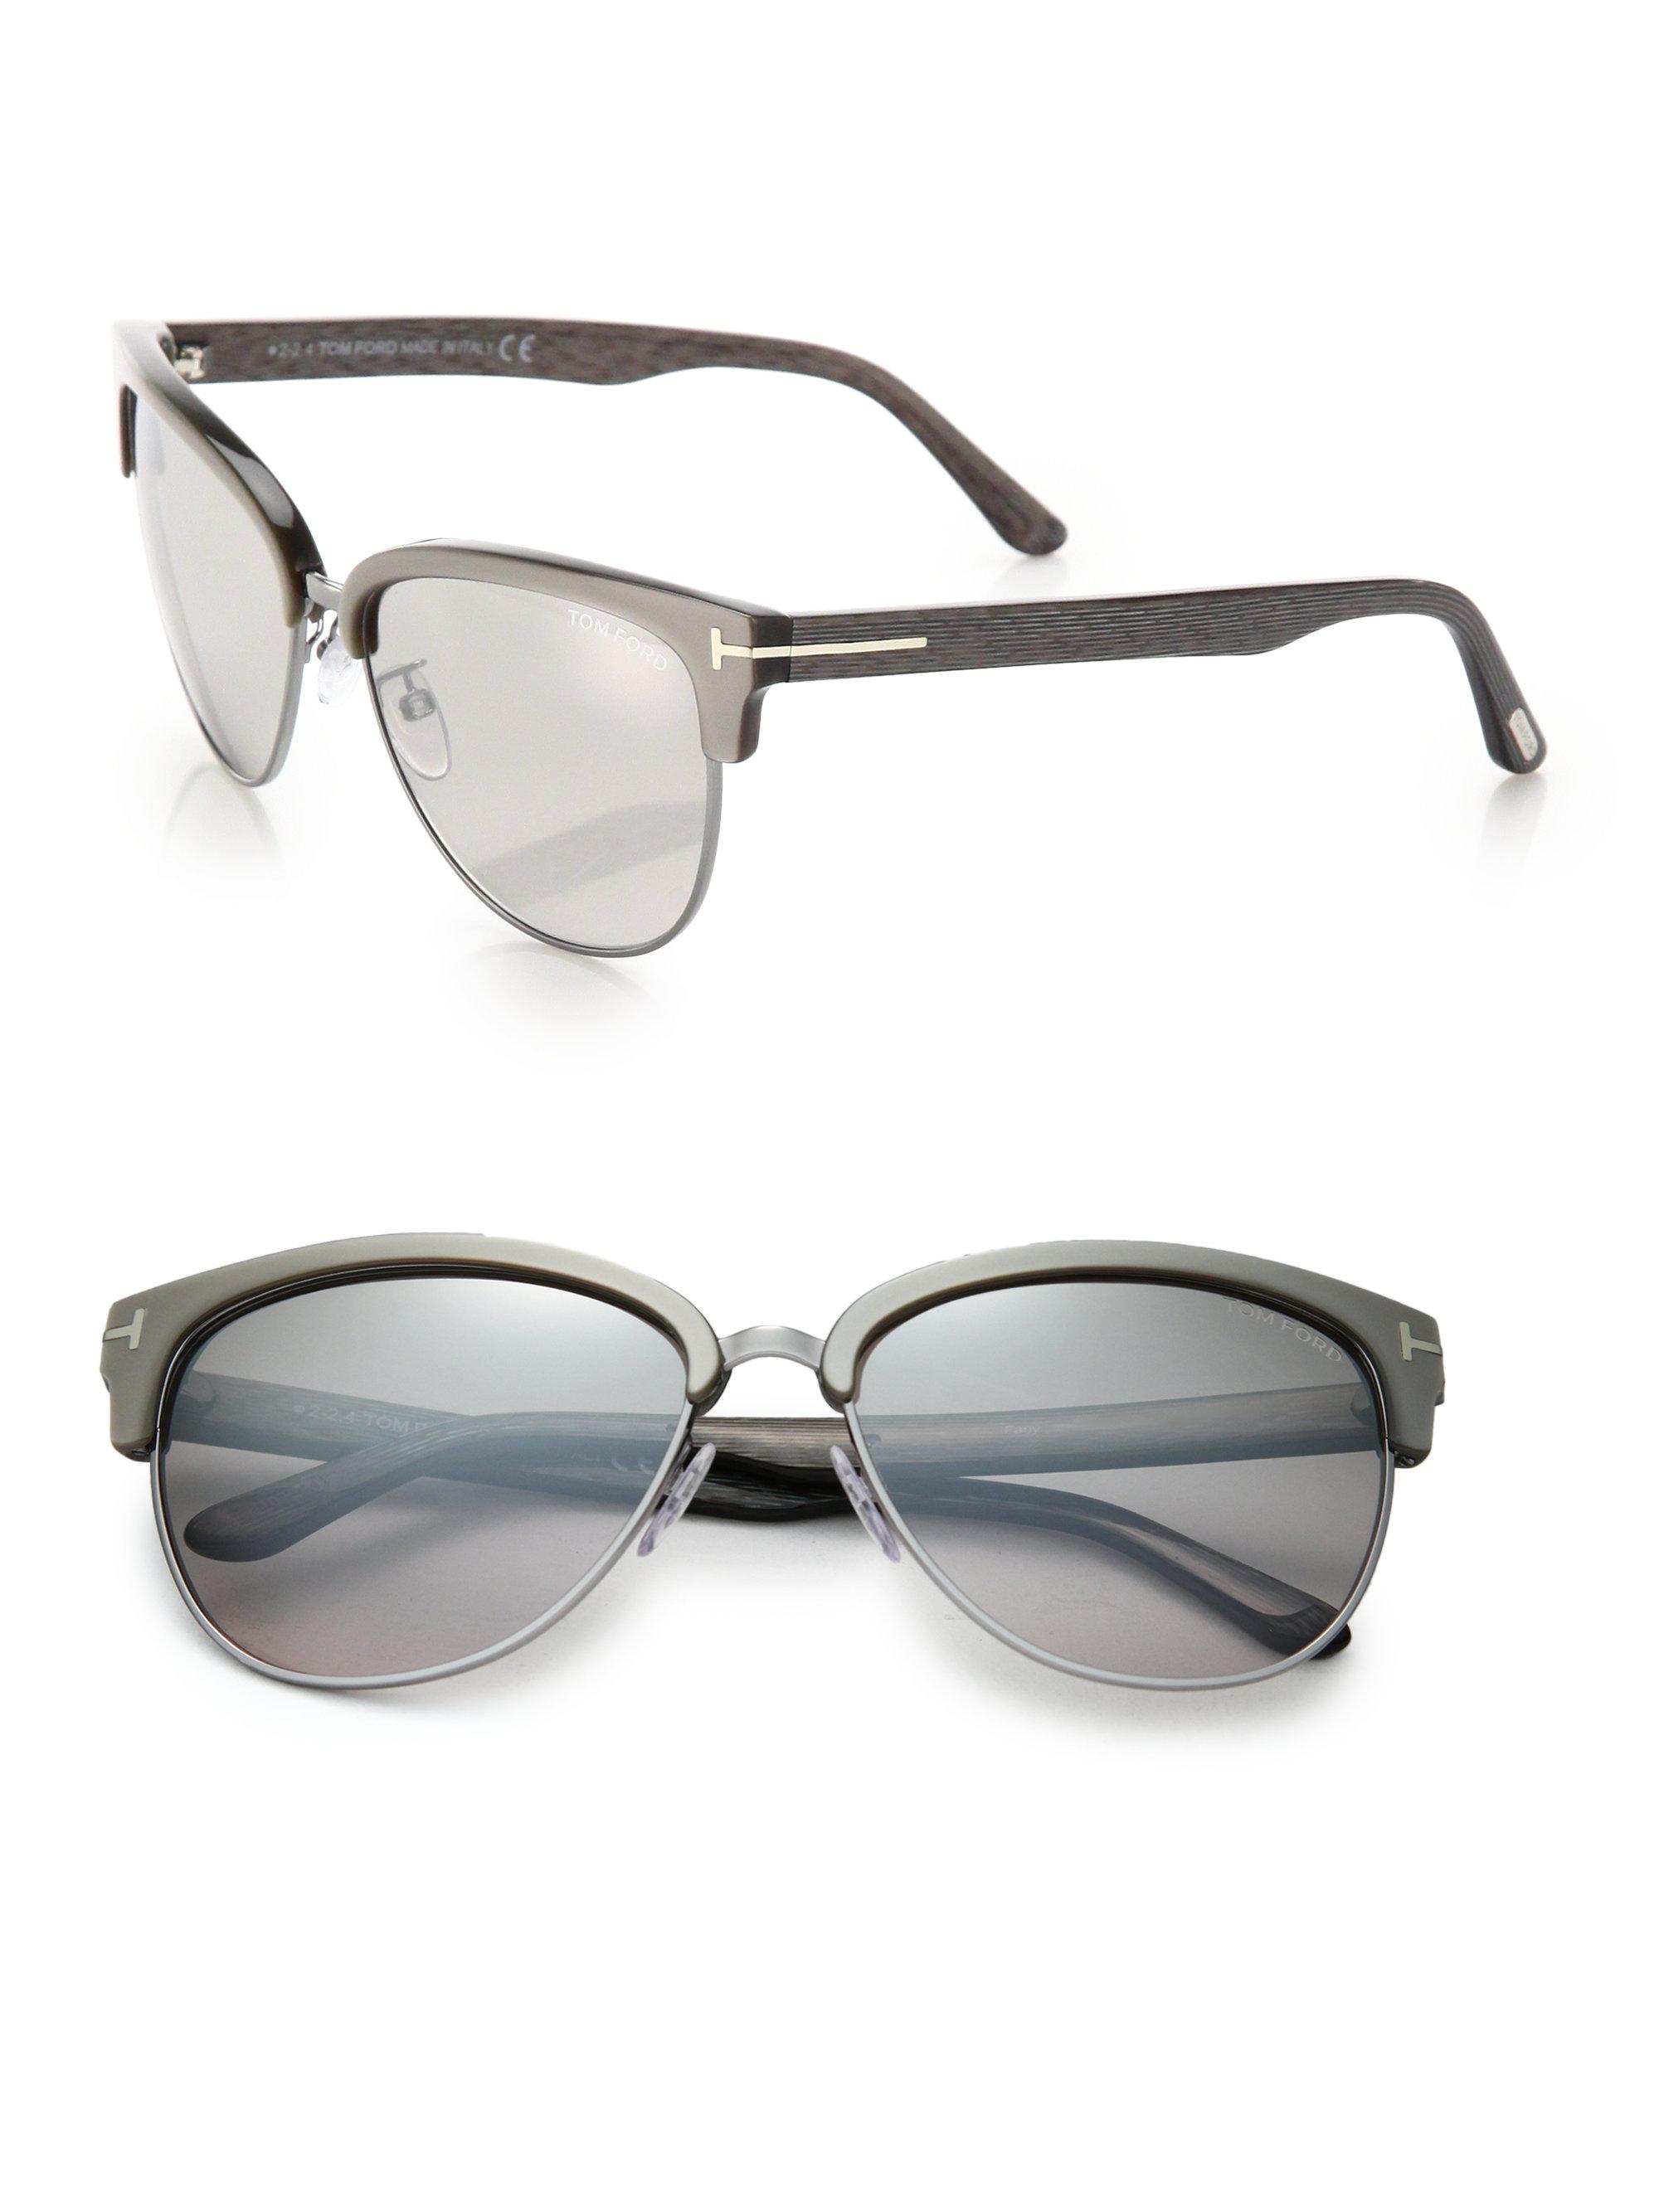 b0470d99074 Cartier Half Rim Square Sunglasses Light Grey Lens